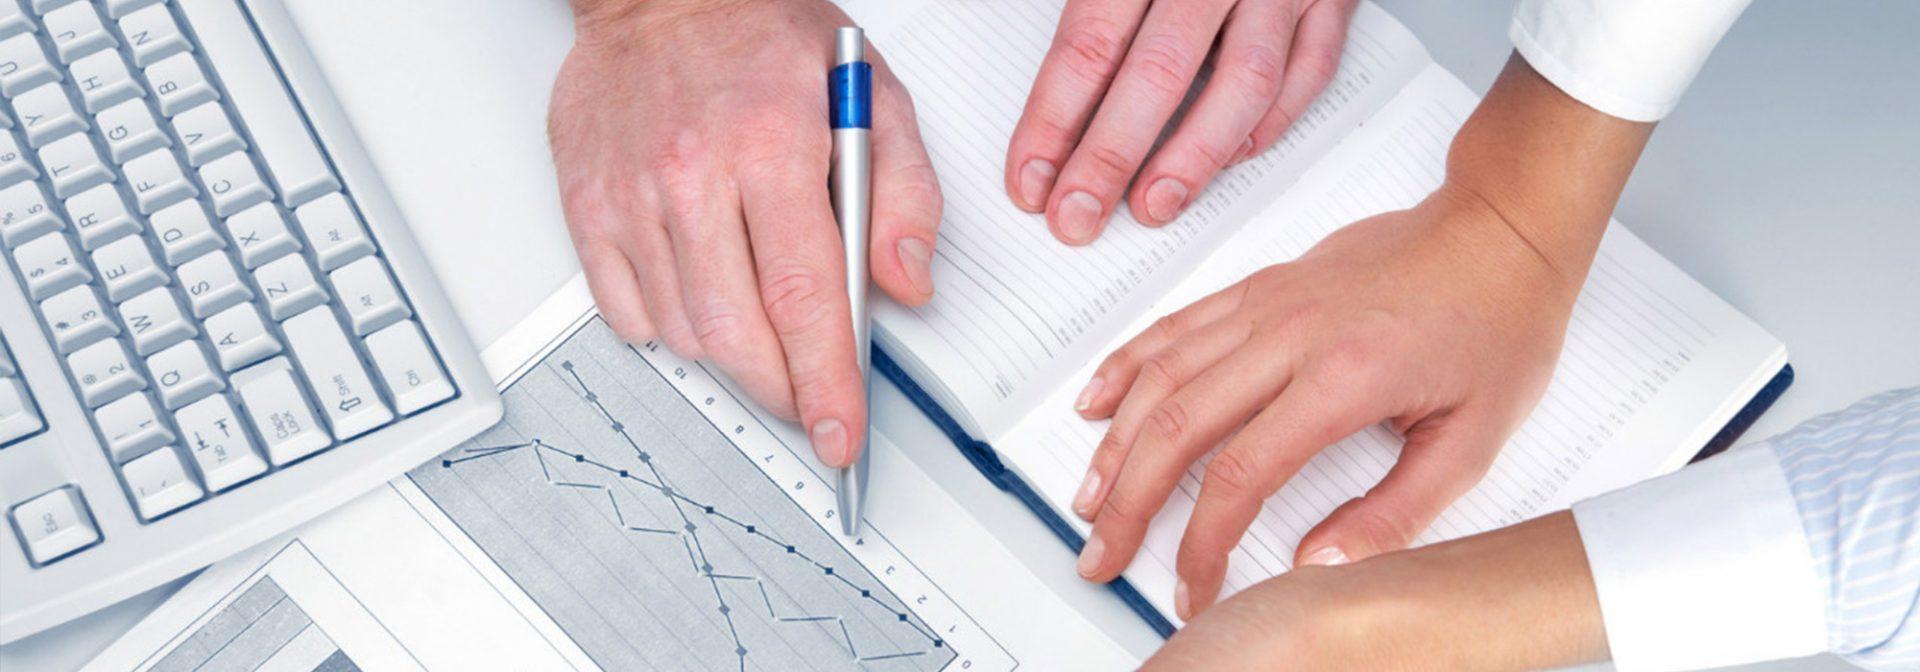 Asesoramos tu tesis de grado, monografía o investigación en las modalidades: Pregrado, Especialización, Maestría y Doctorado.